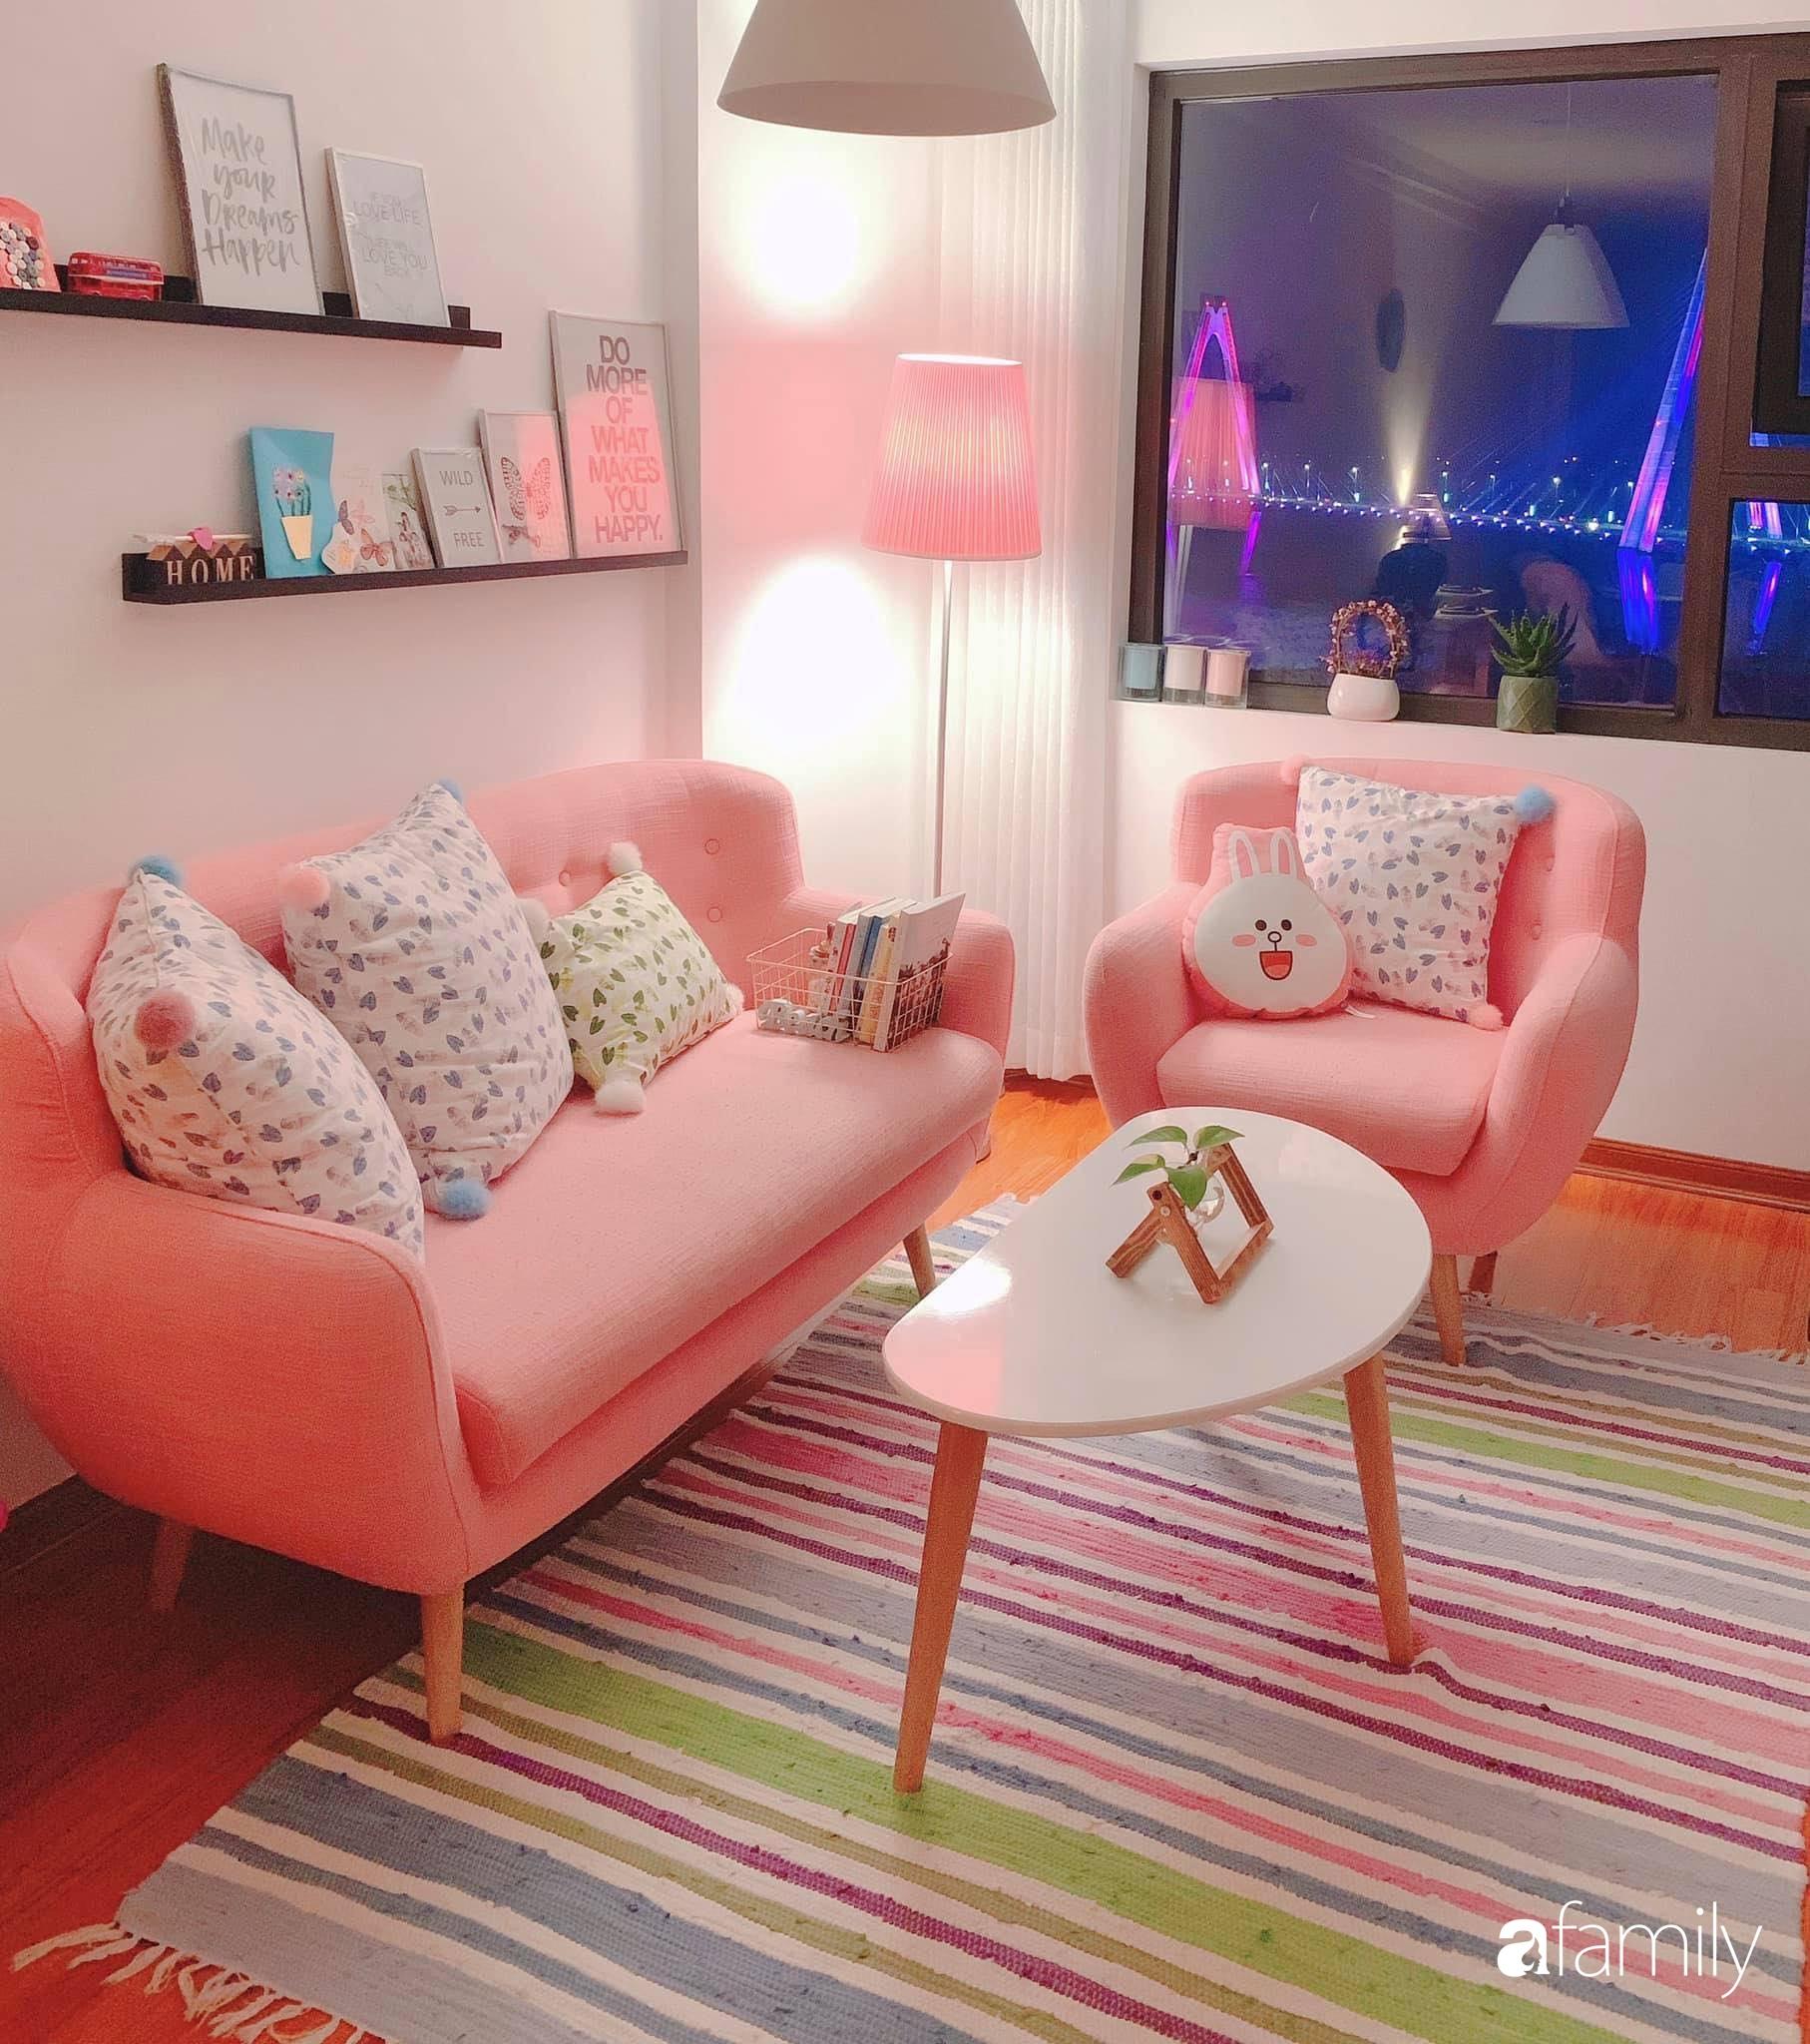 Bí quyết decor căn hộ 60m² luôn ngọt ngào và thoảng nhẹ hương thơm dịu dàng ở Hà Nội - Ảnh 2.